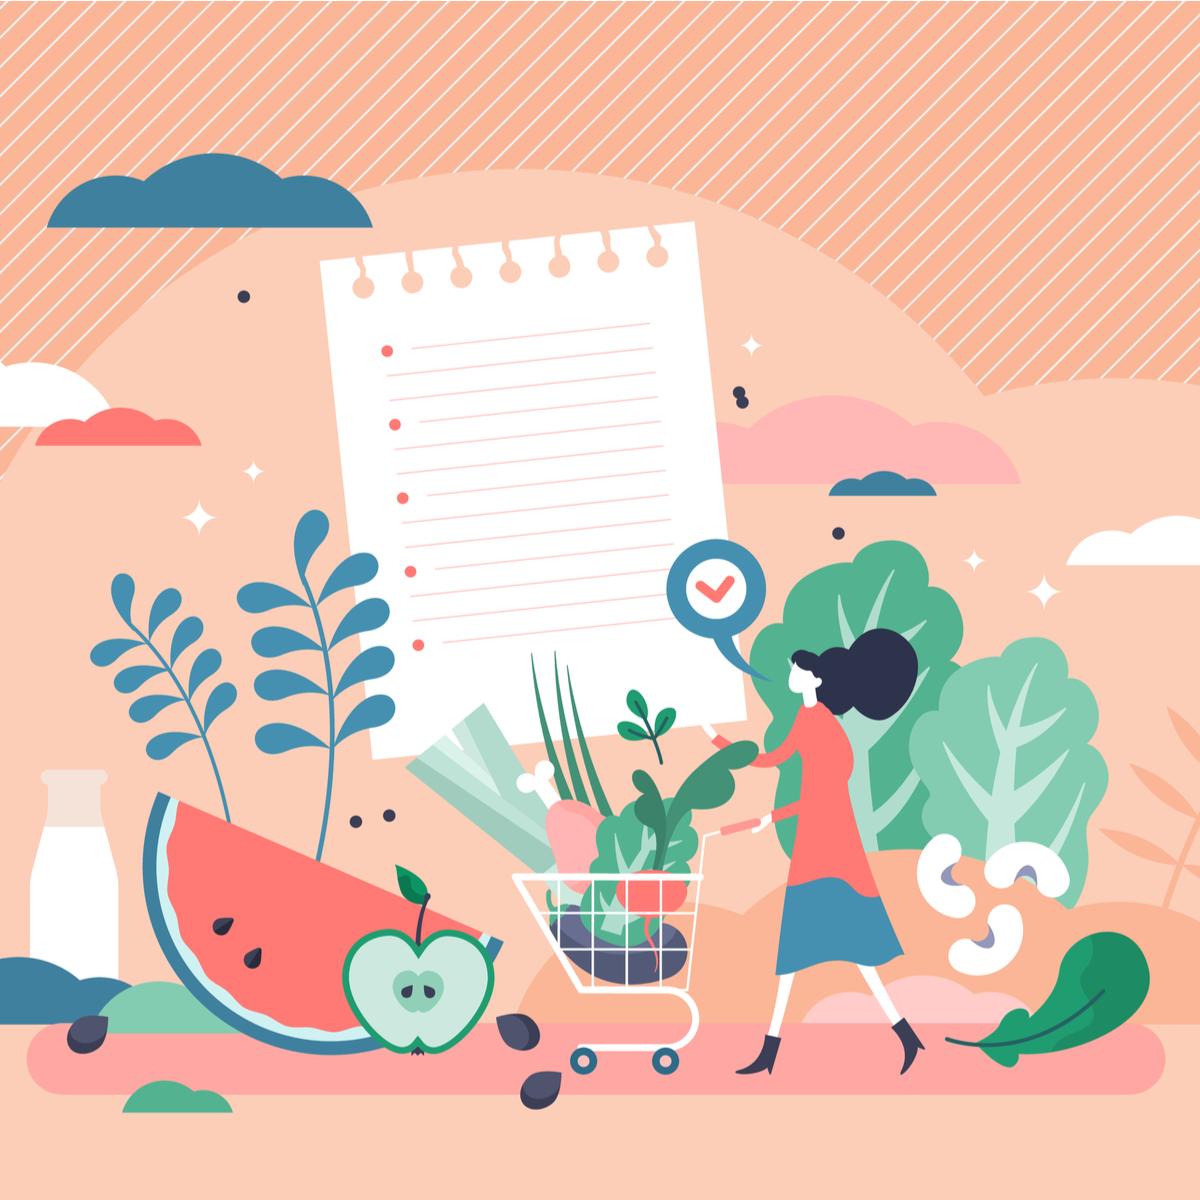 อาหารและเครื่องดื่ม/อาหารเพื่อสุขภาพ-หมวดหมู่-หน้าปก-อุ๊คบี